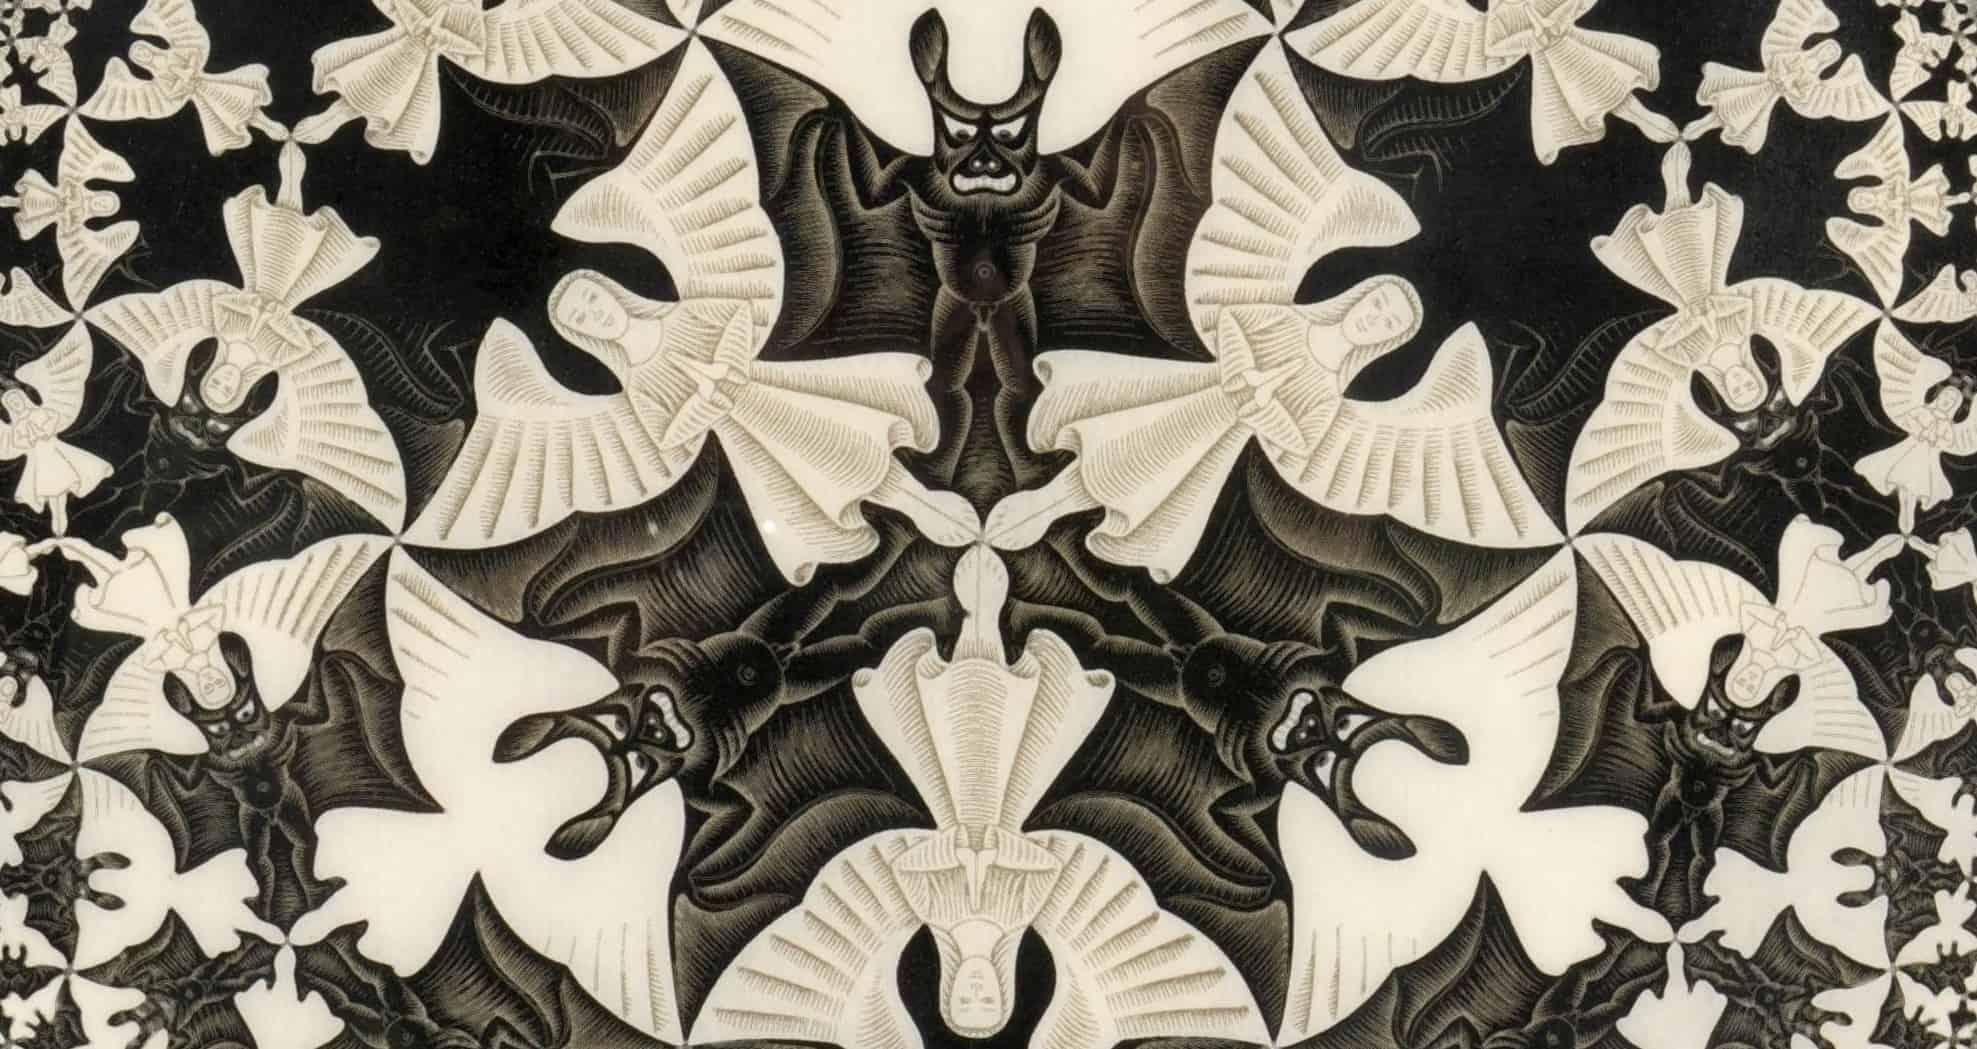 Escher Körhatár IV című fametszetének részletén angyalok és ördögök rendeződnek harmonikus egésszé. A jó és a gonosz között húzódó határ sokszor rendkívül képlékeny.